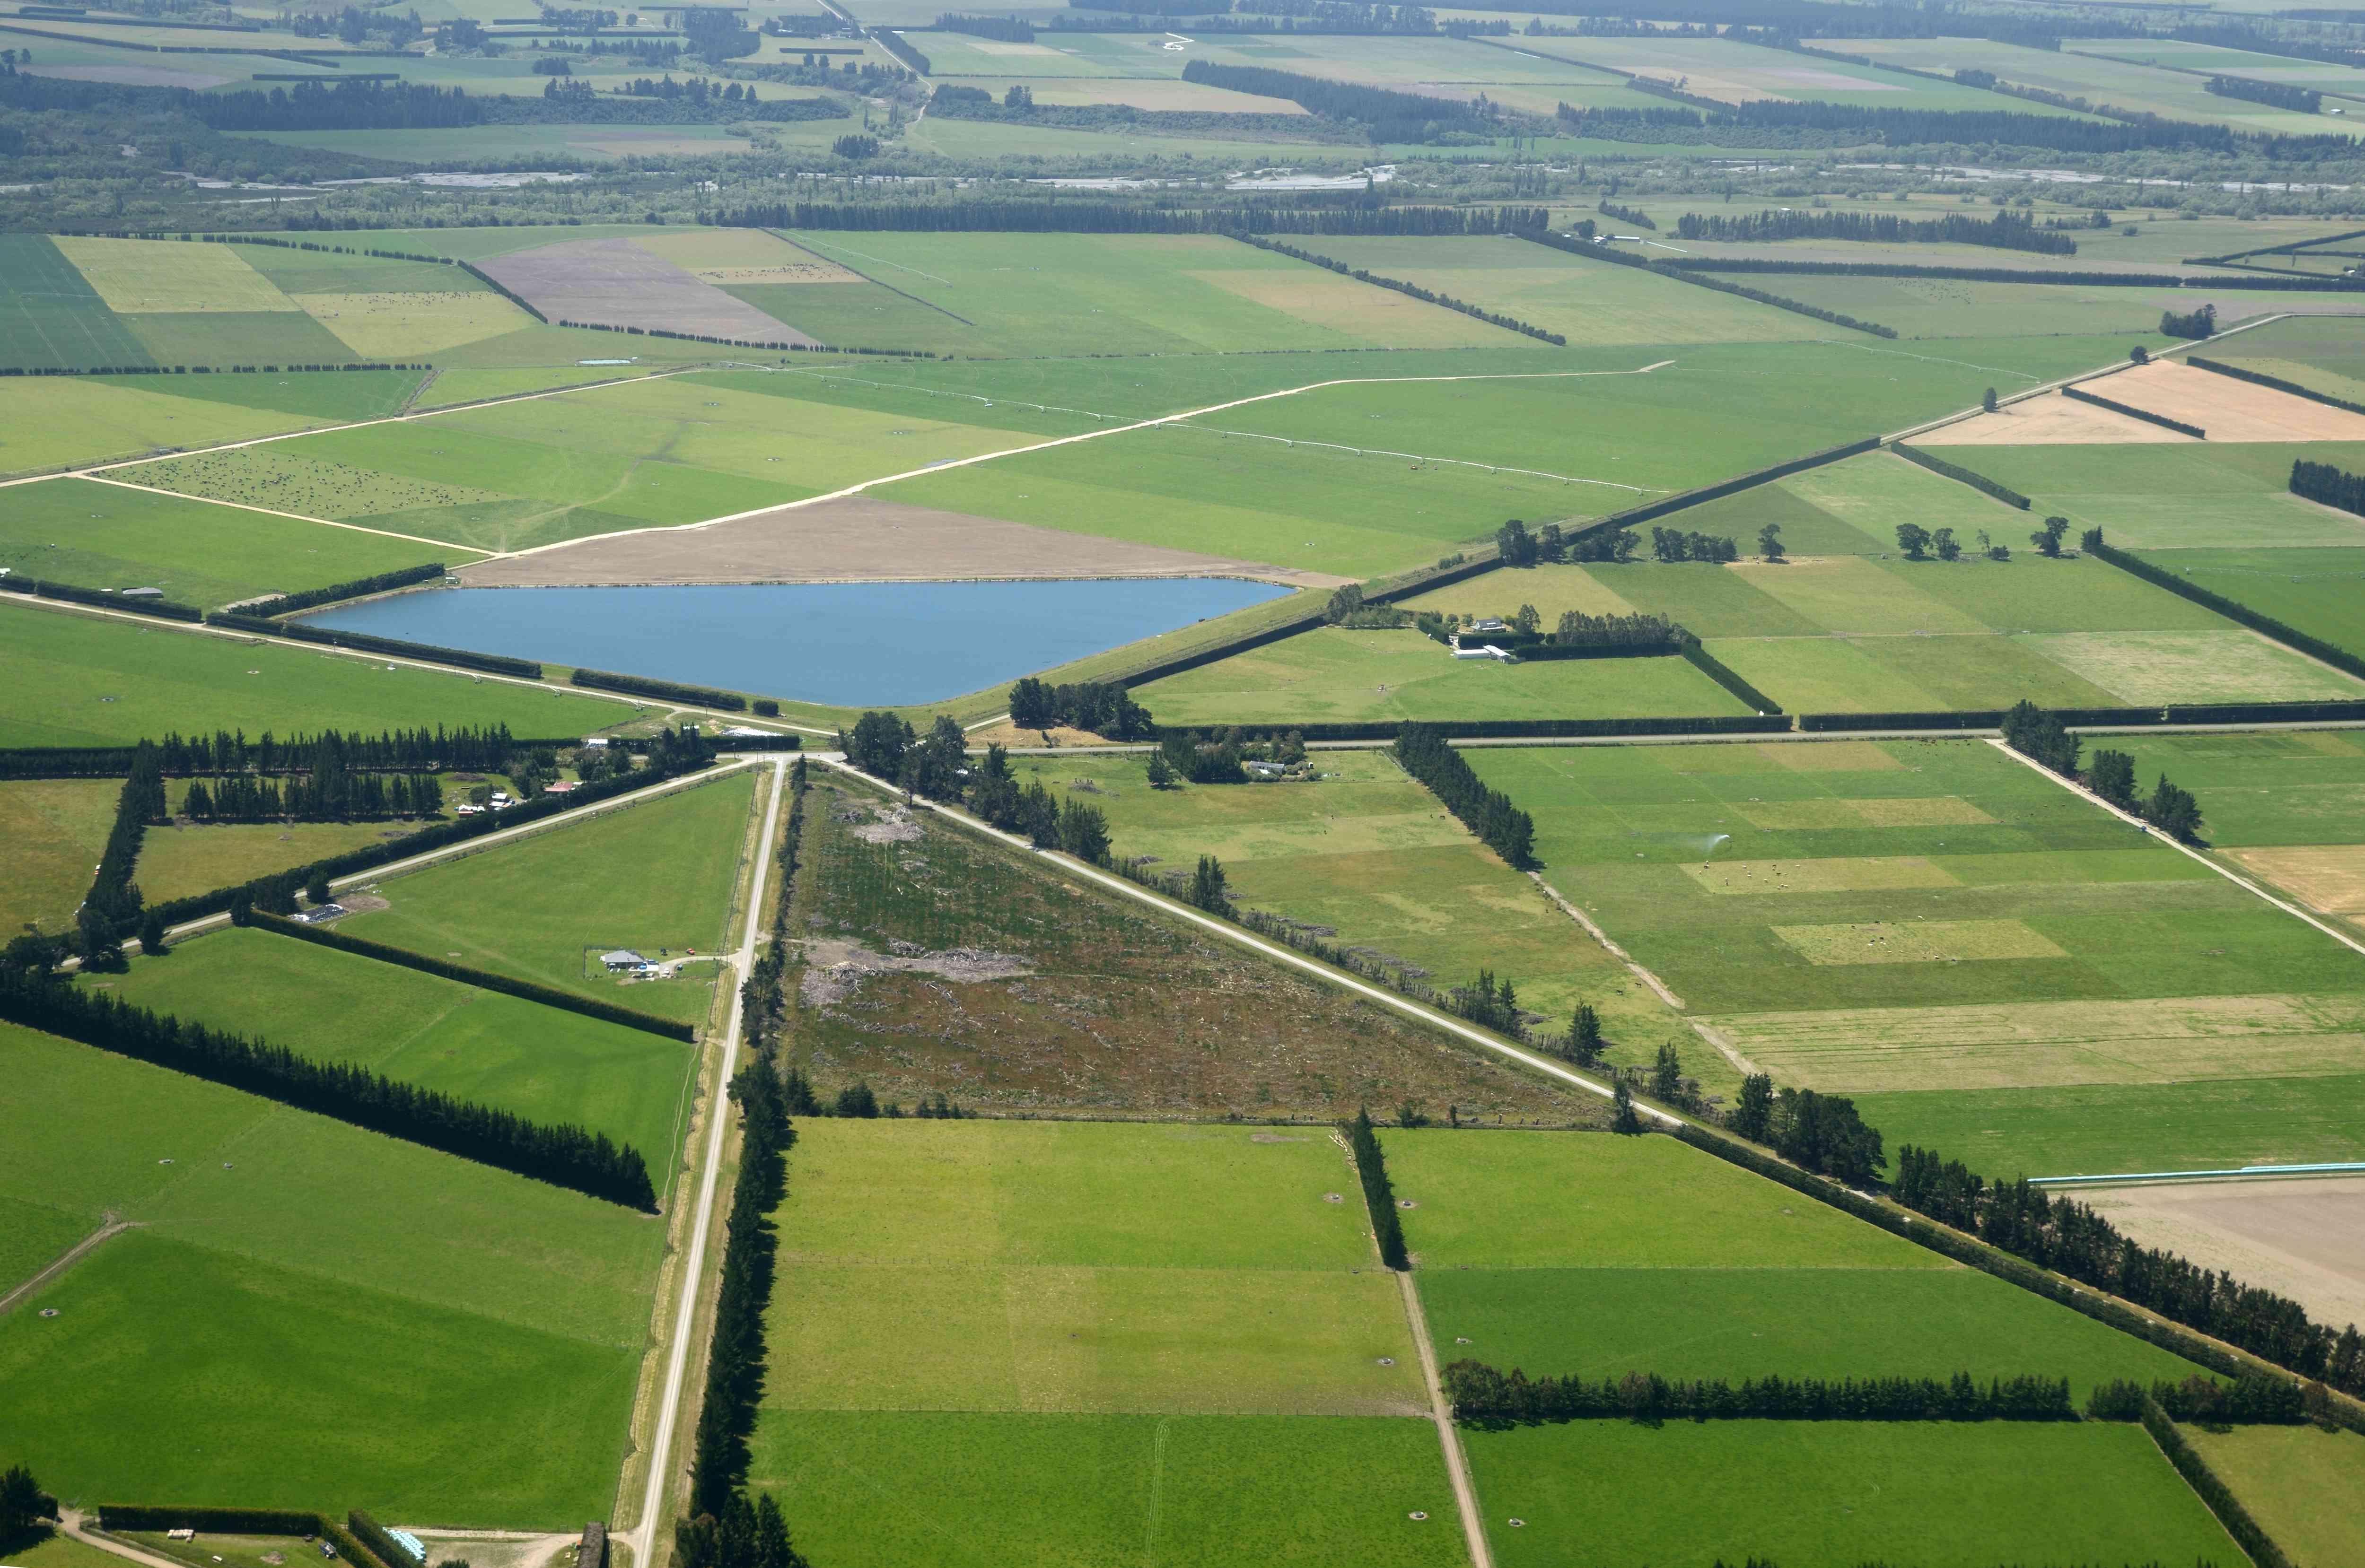 aerial of flat Canterbury farmland in New Zealand's South Island